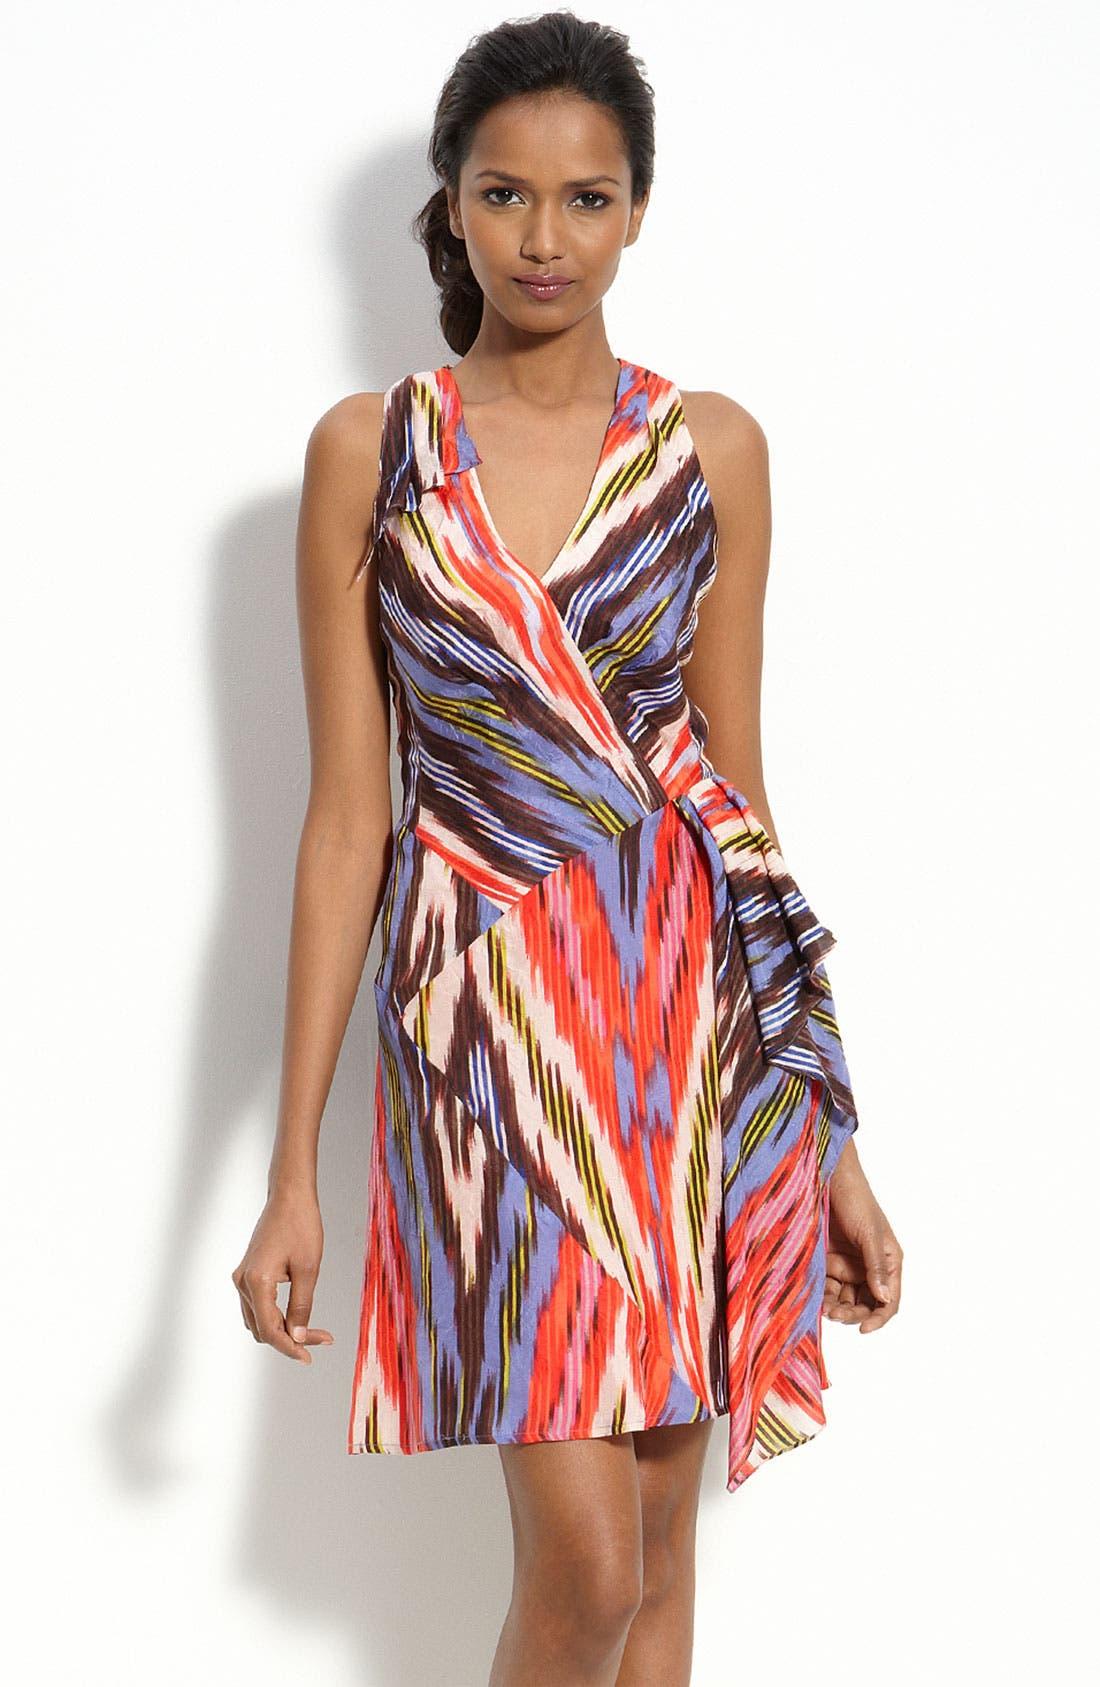 Alternate Image 1 Selected - Nanette Lepore 'Go Getter' Sleeveless Dress